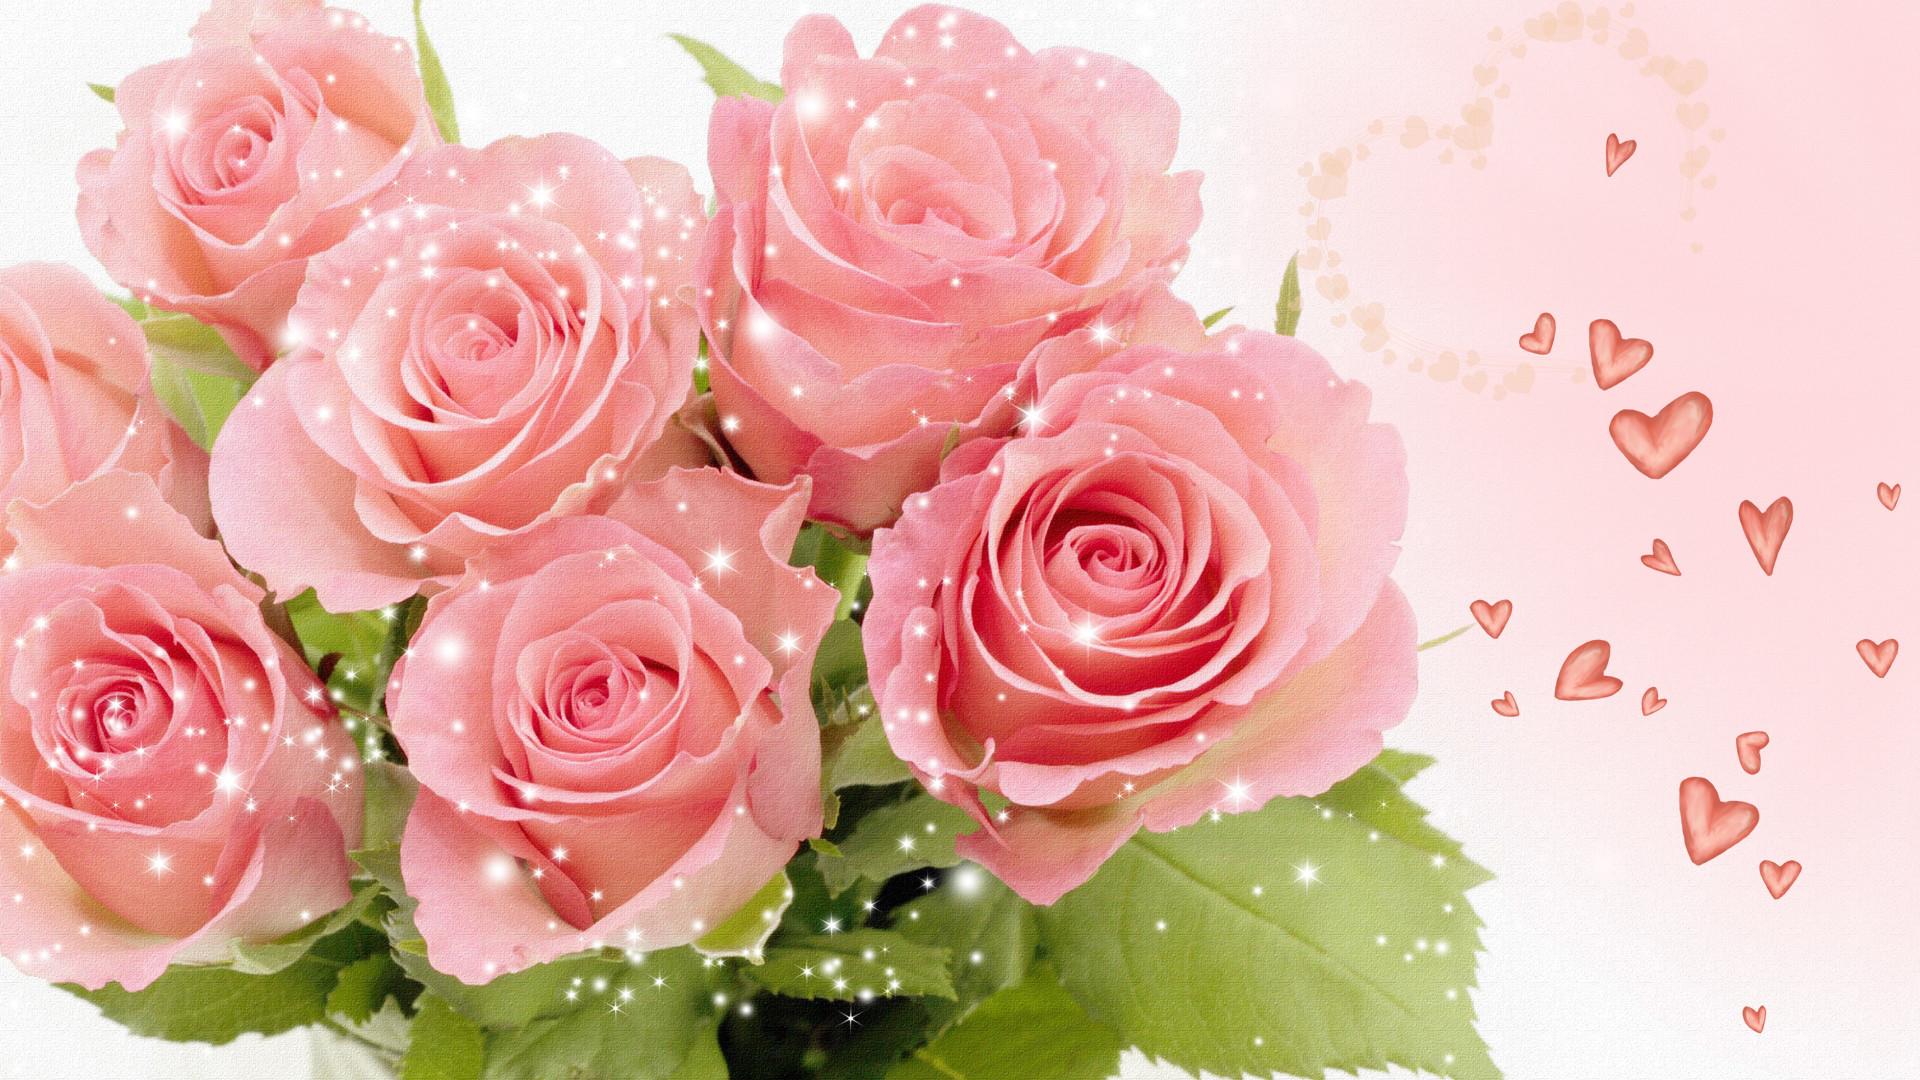 Res: 1920x1080, pink rose wallpaper Free Wallpaper